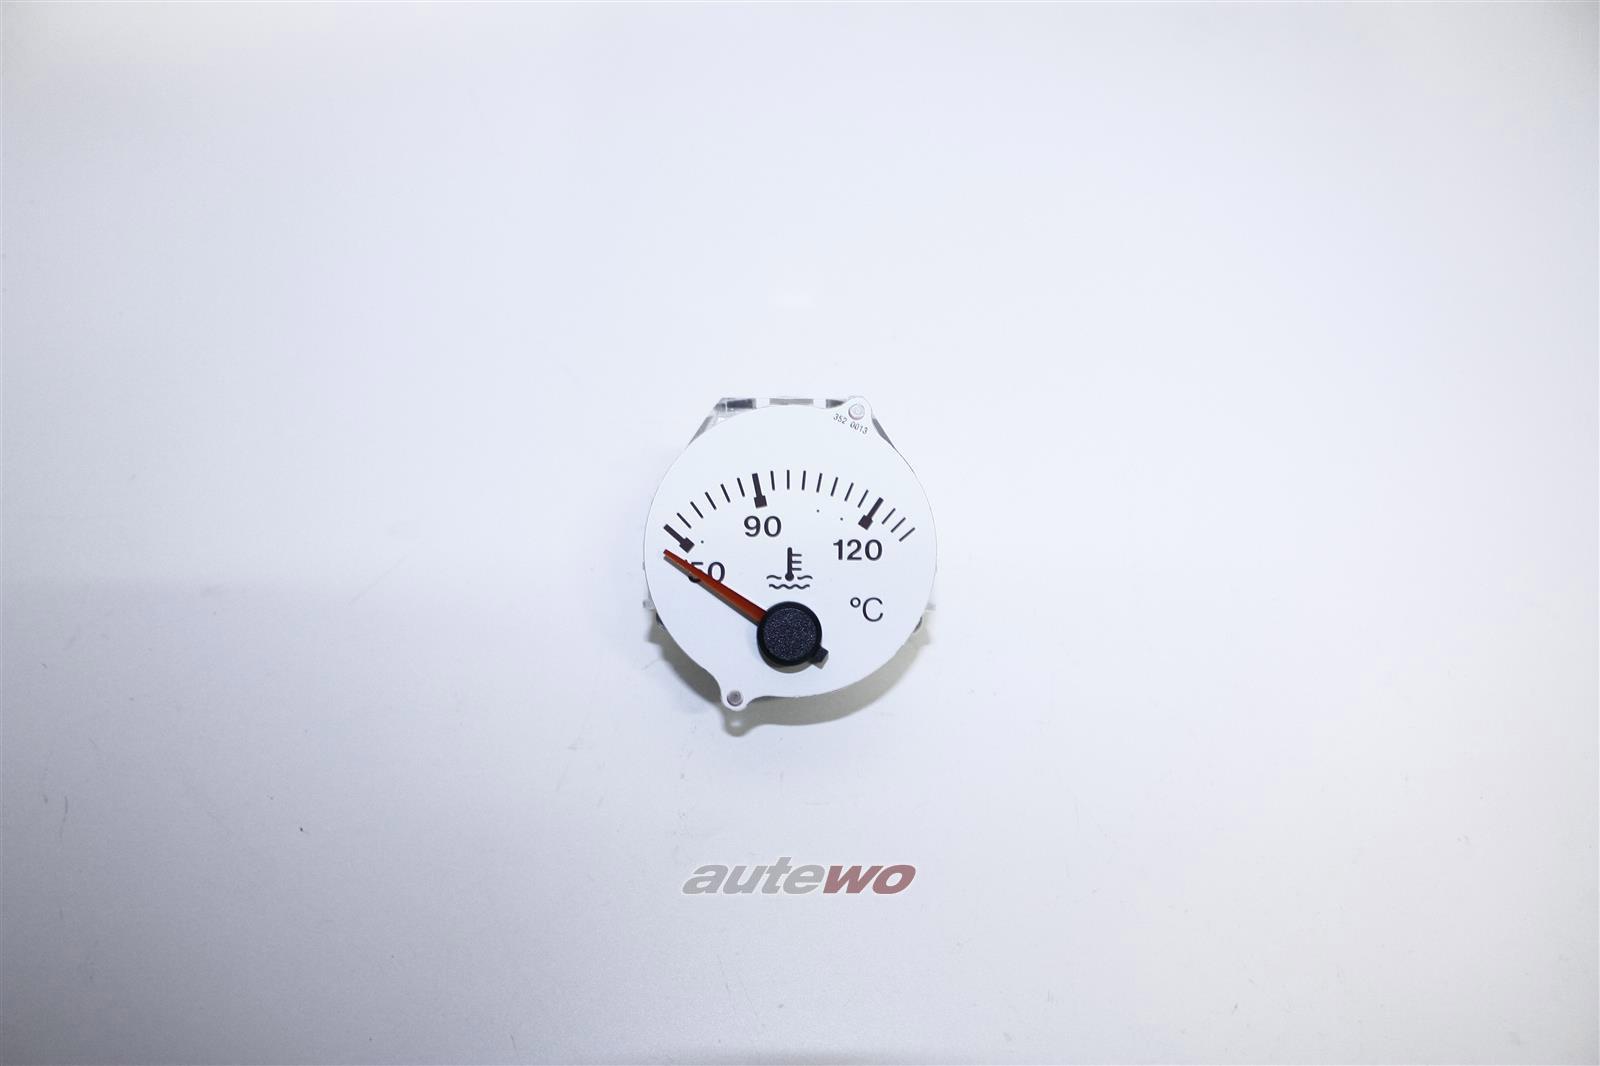 895919511B NEU Audi RS2 Wassertemperaturanzeige Hersteller VDO schneeweiß